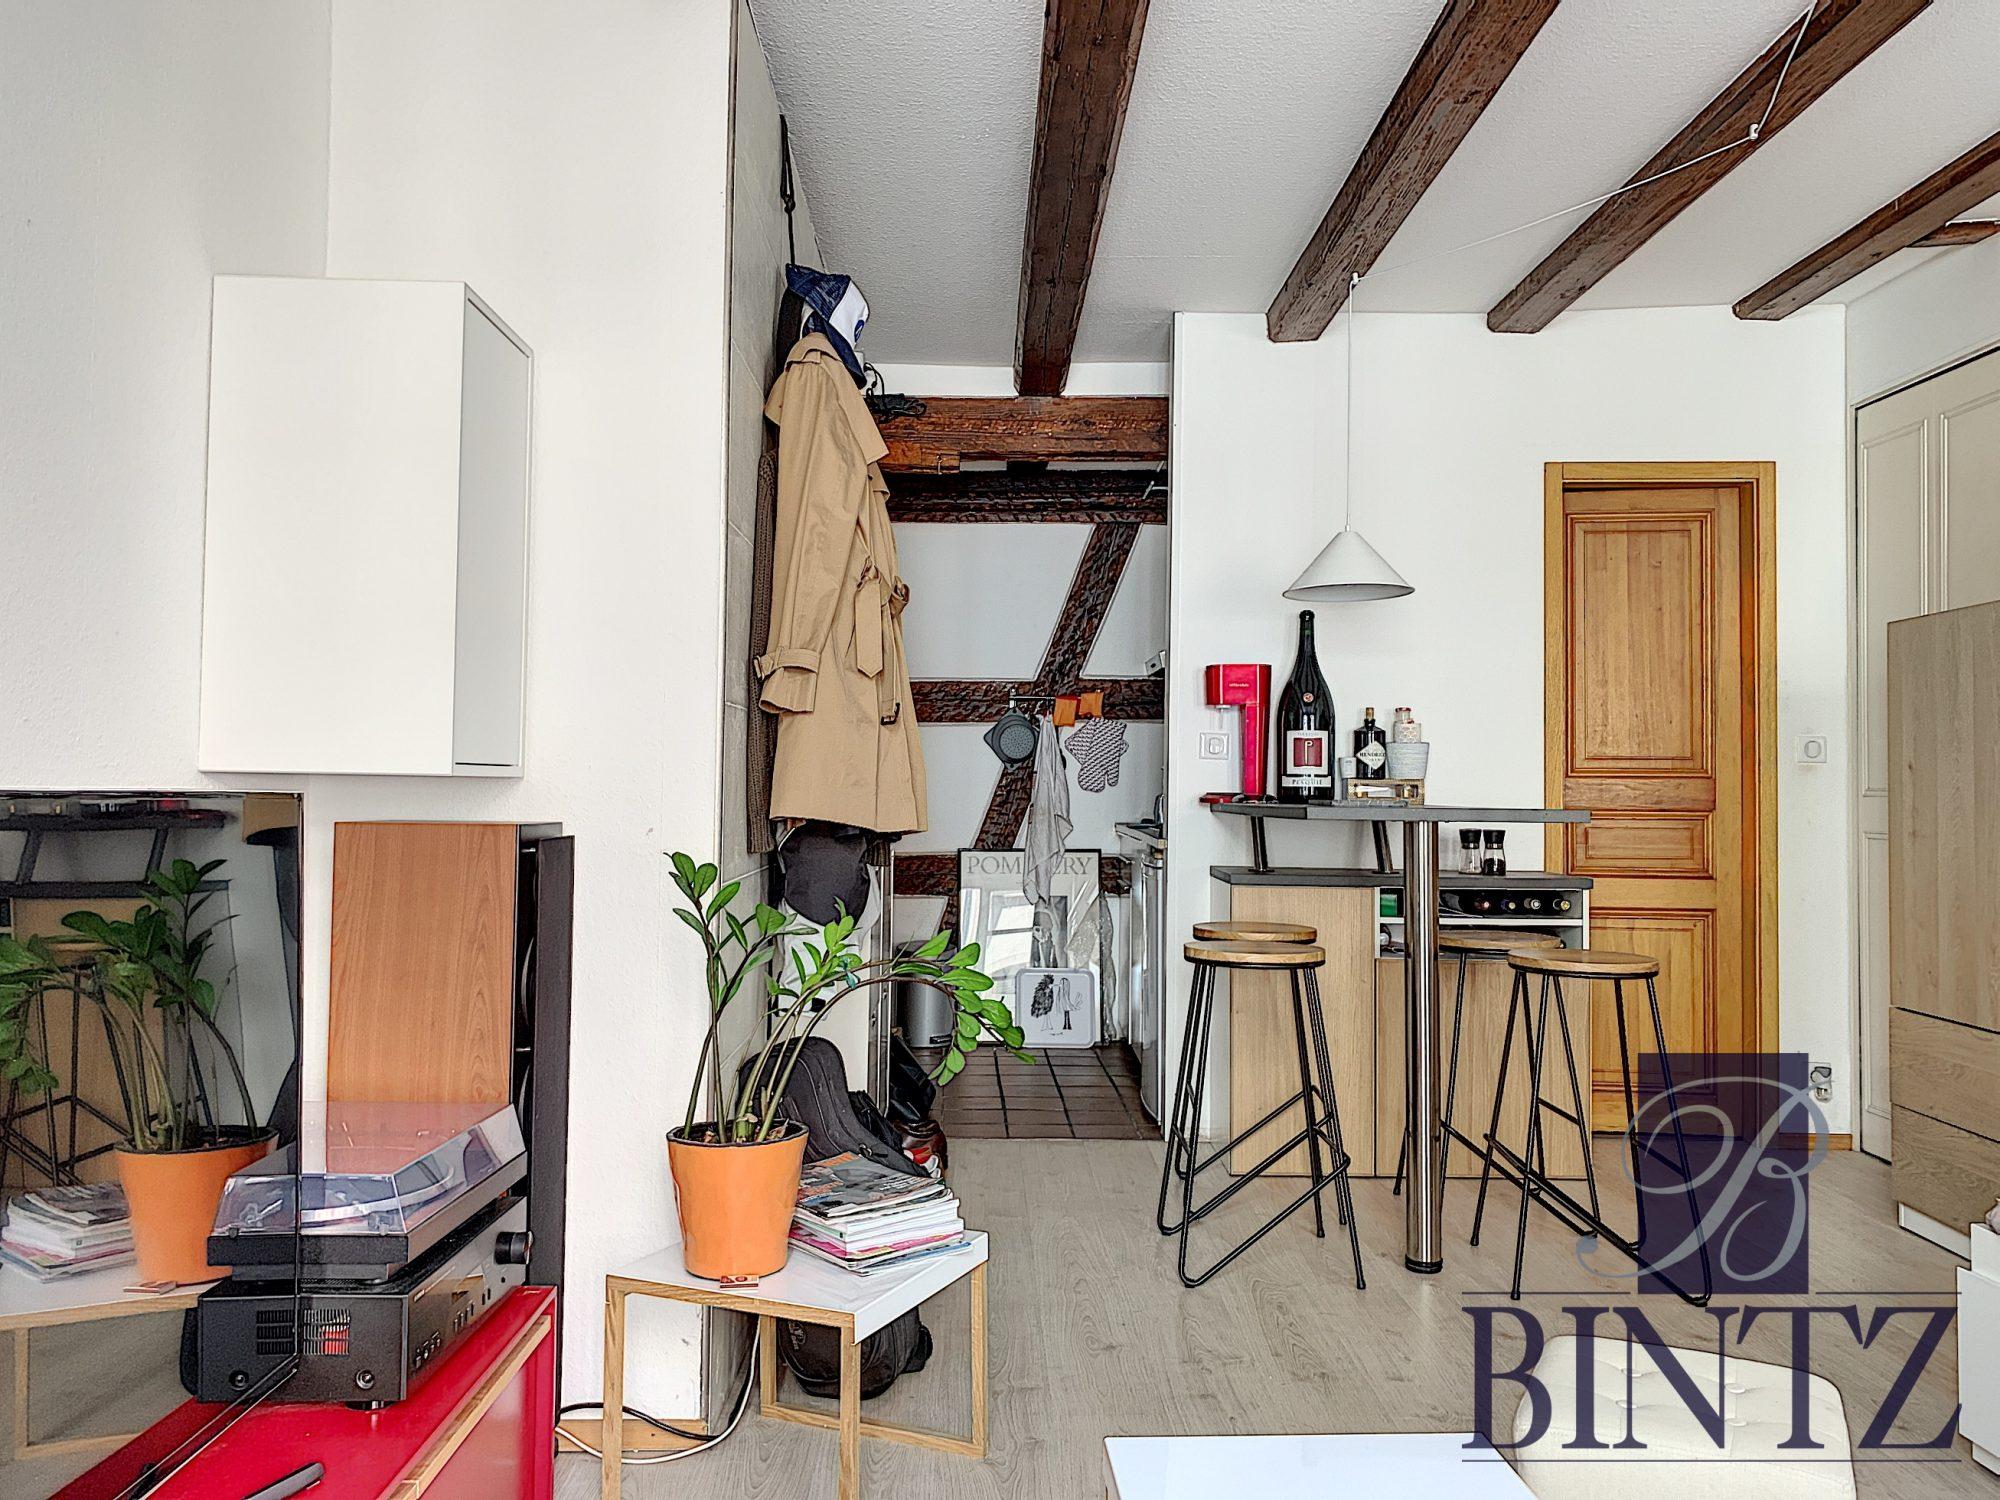 STUDIO MEUBLE HYPER CENTRE - Devenez locataire en toute sérénité - Bintz Immobilier - 2